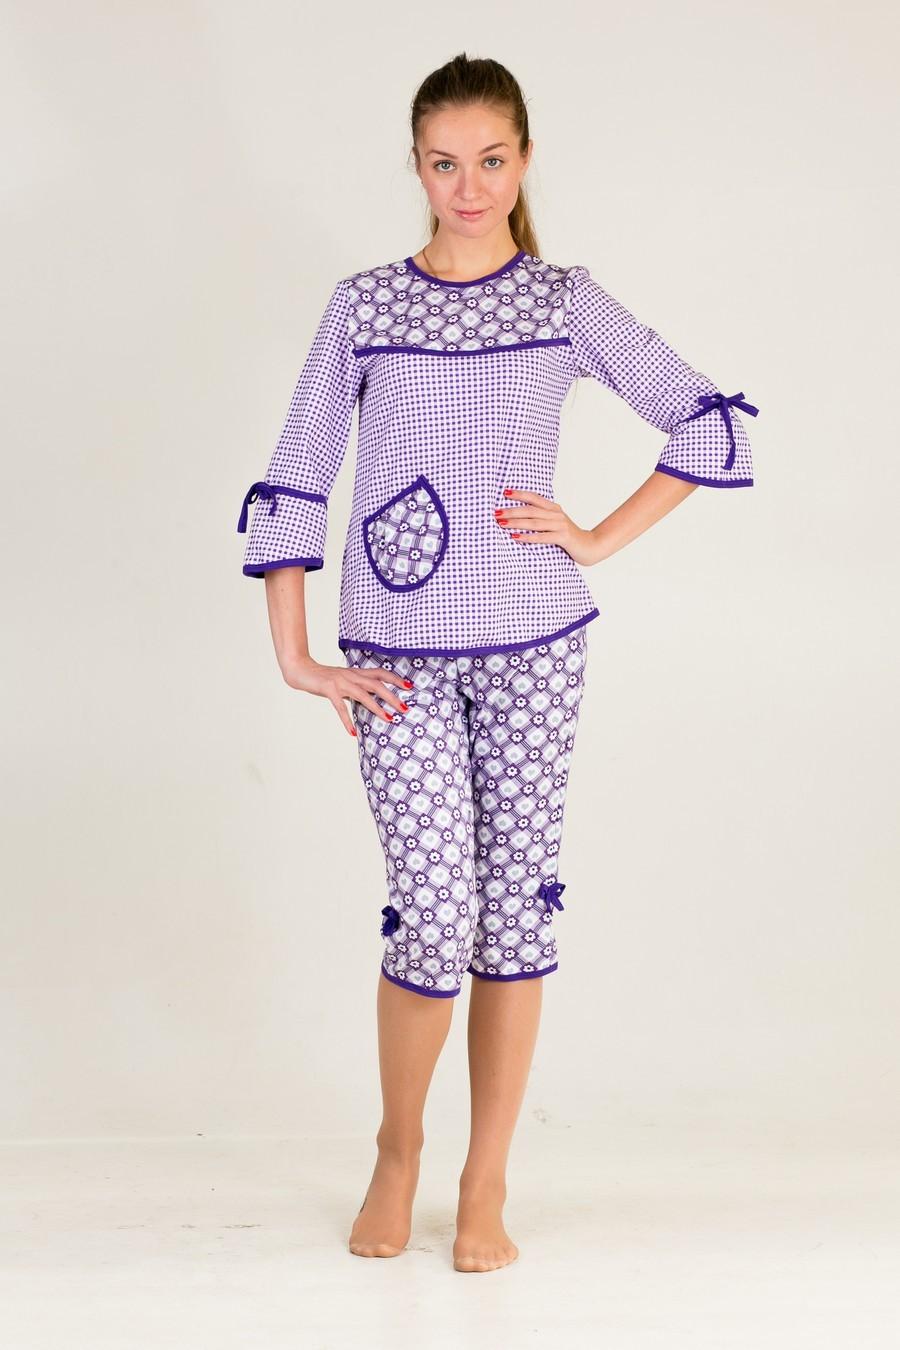 Пижама Катя Фиолет кофта+бриджиДомашняя одежда<br><br><br>Размер: розовый